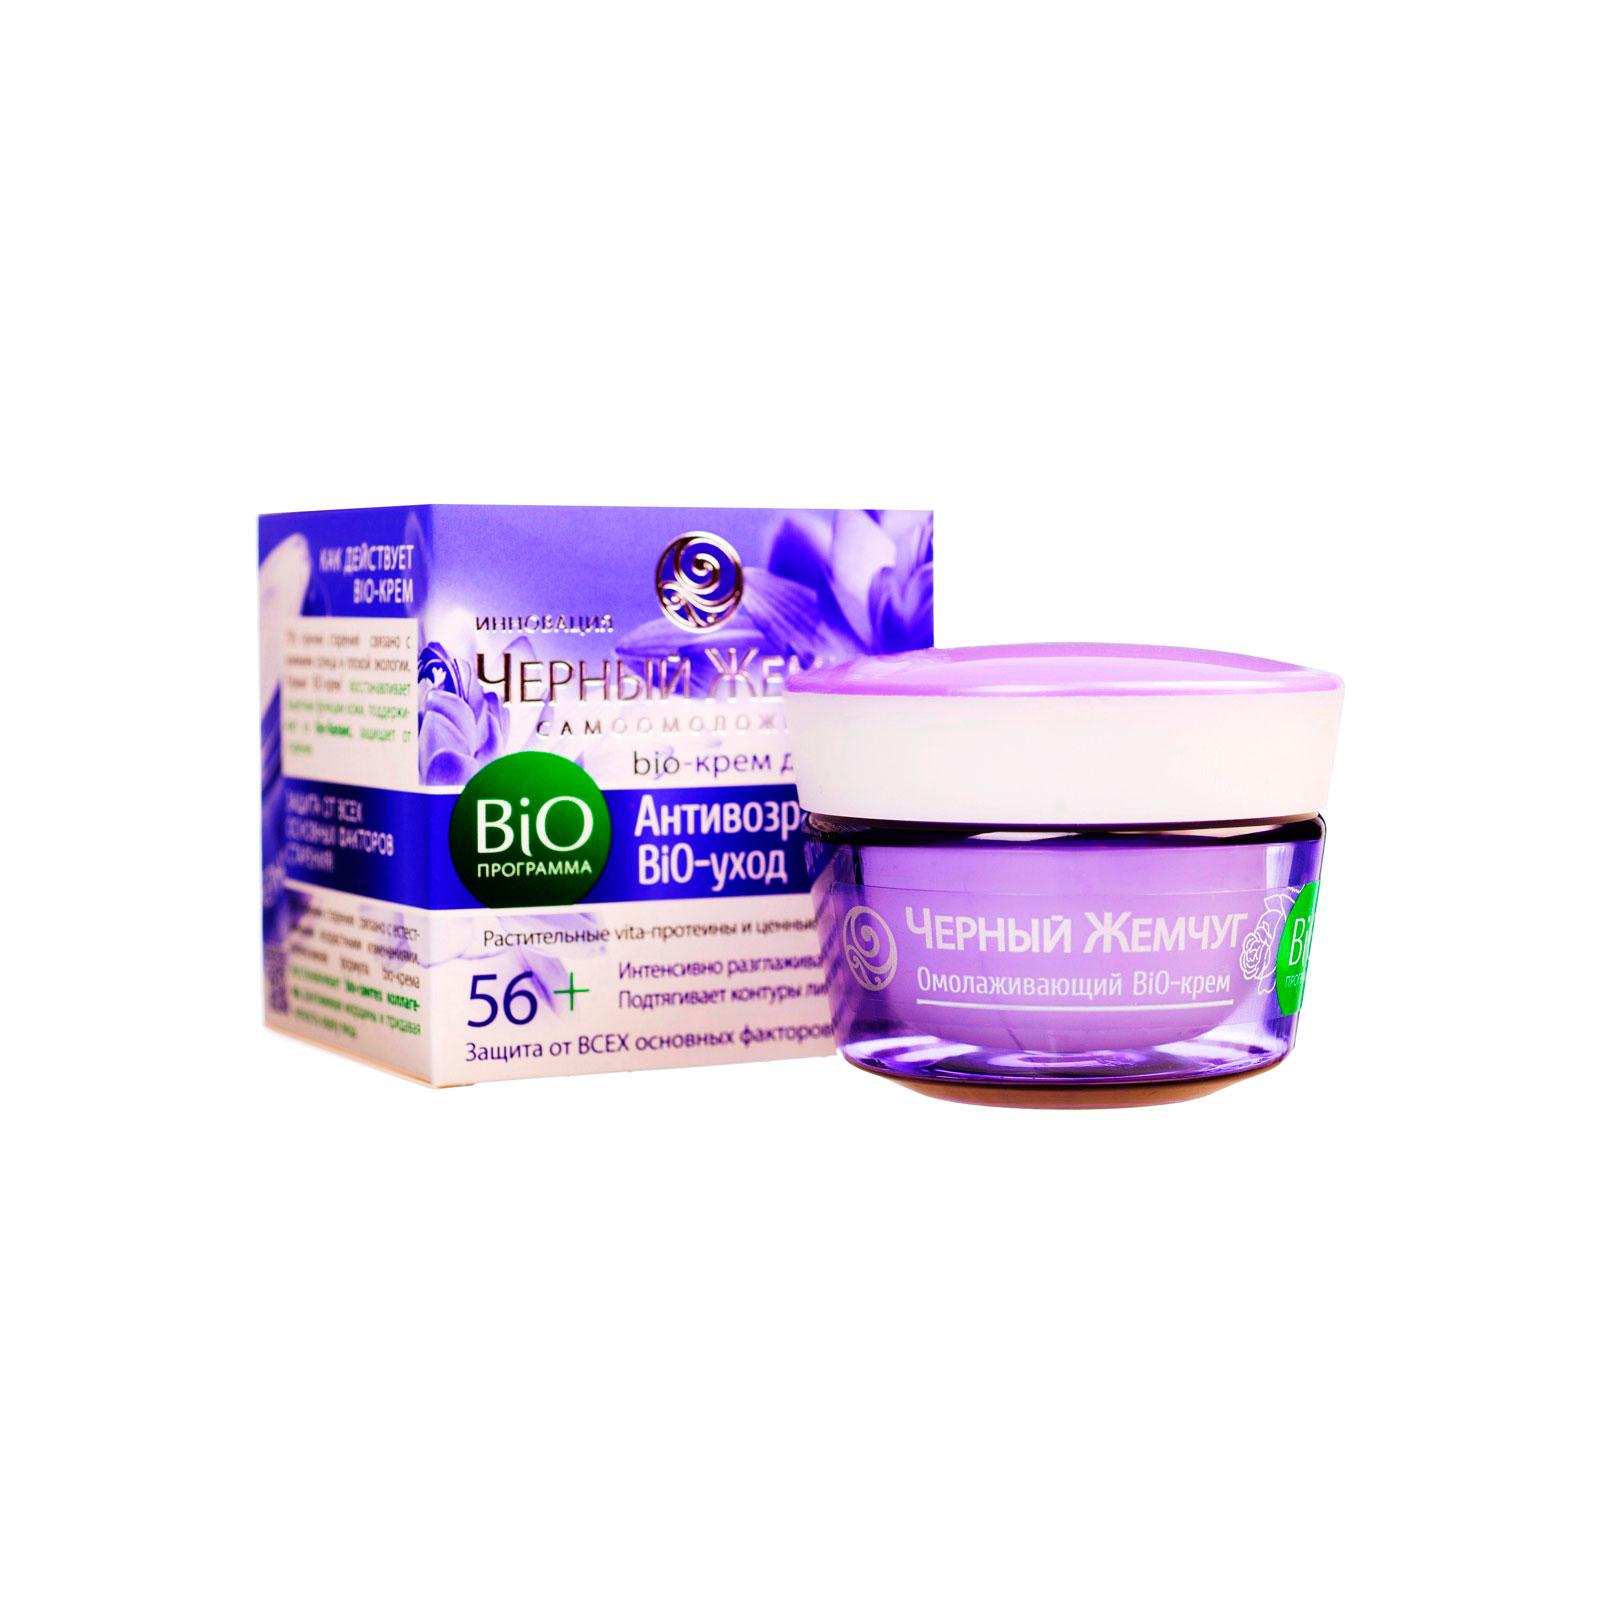 Крем для лица Черный Жемчуг антивозрастной bio-уход (56+) 50 мл<br>